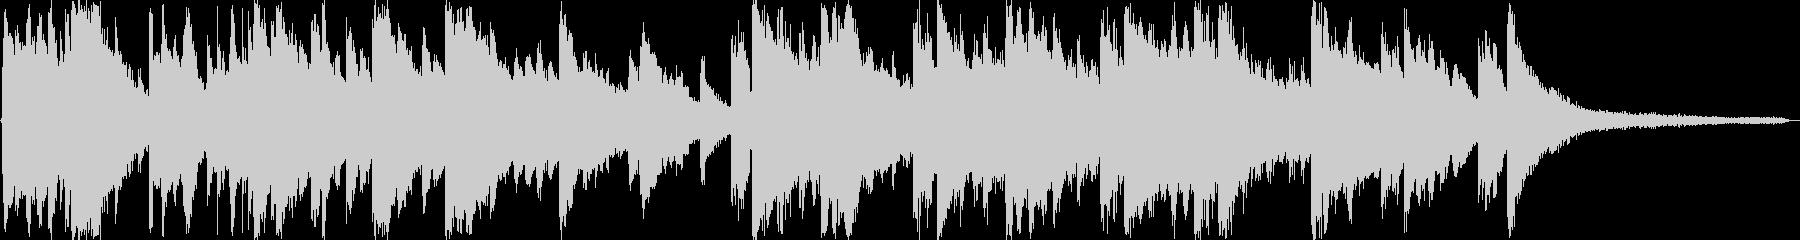 ギター・ピアノのみの切ないバラードの未再生の波形